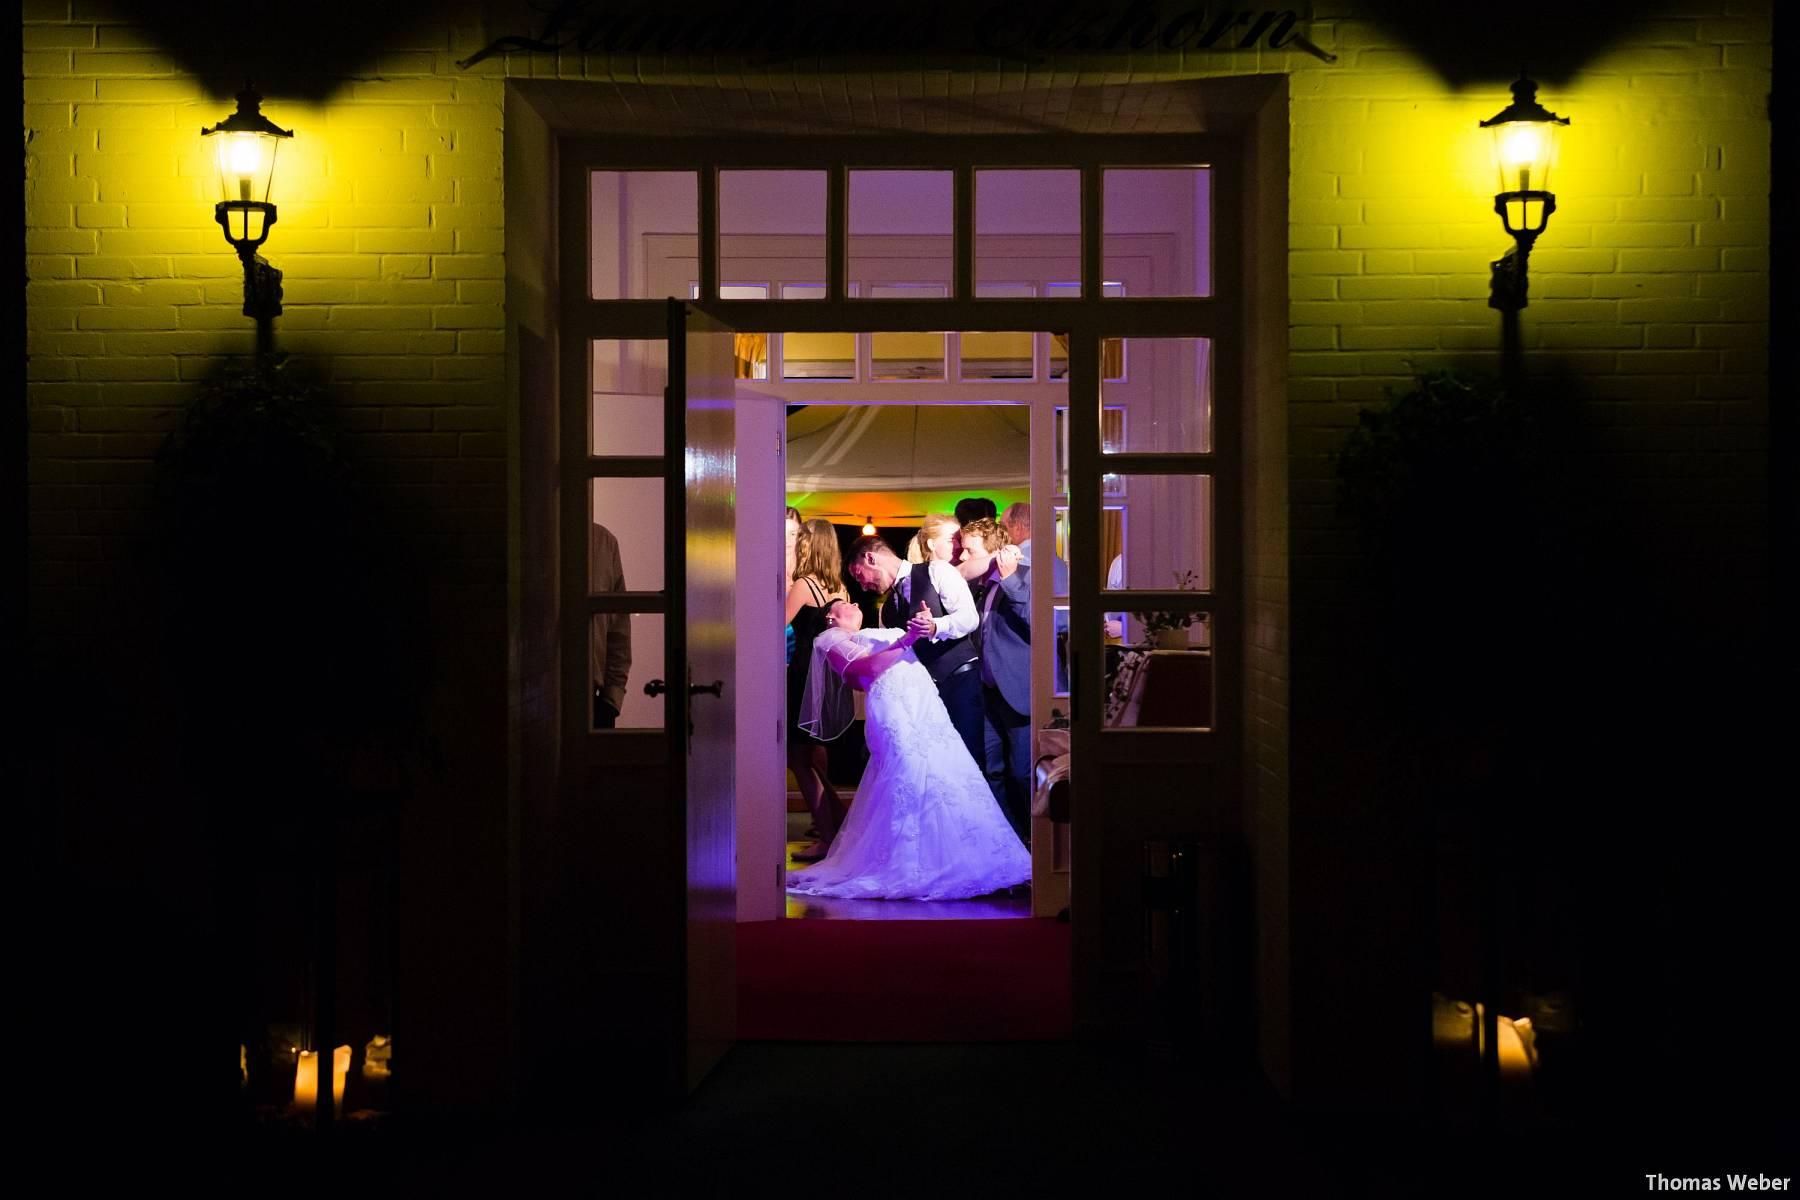 Hochzeitsfotograf Oldenburg: Kirchliche Trauung in der Garnisonkirche Oldenburg und Feier im Landhaus Etzhorn Oldenburg (60)